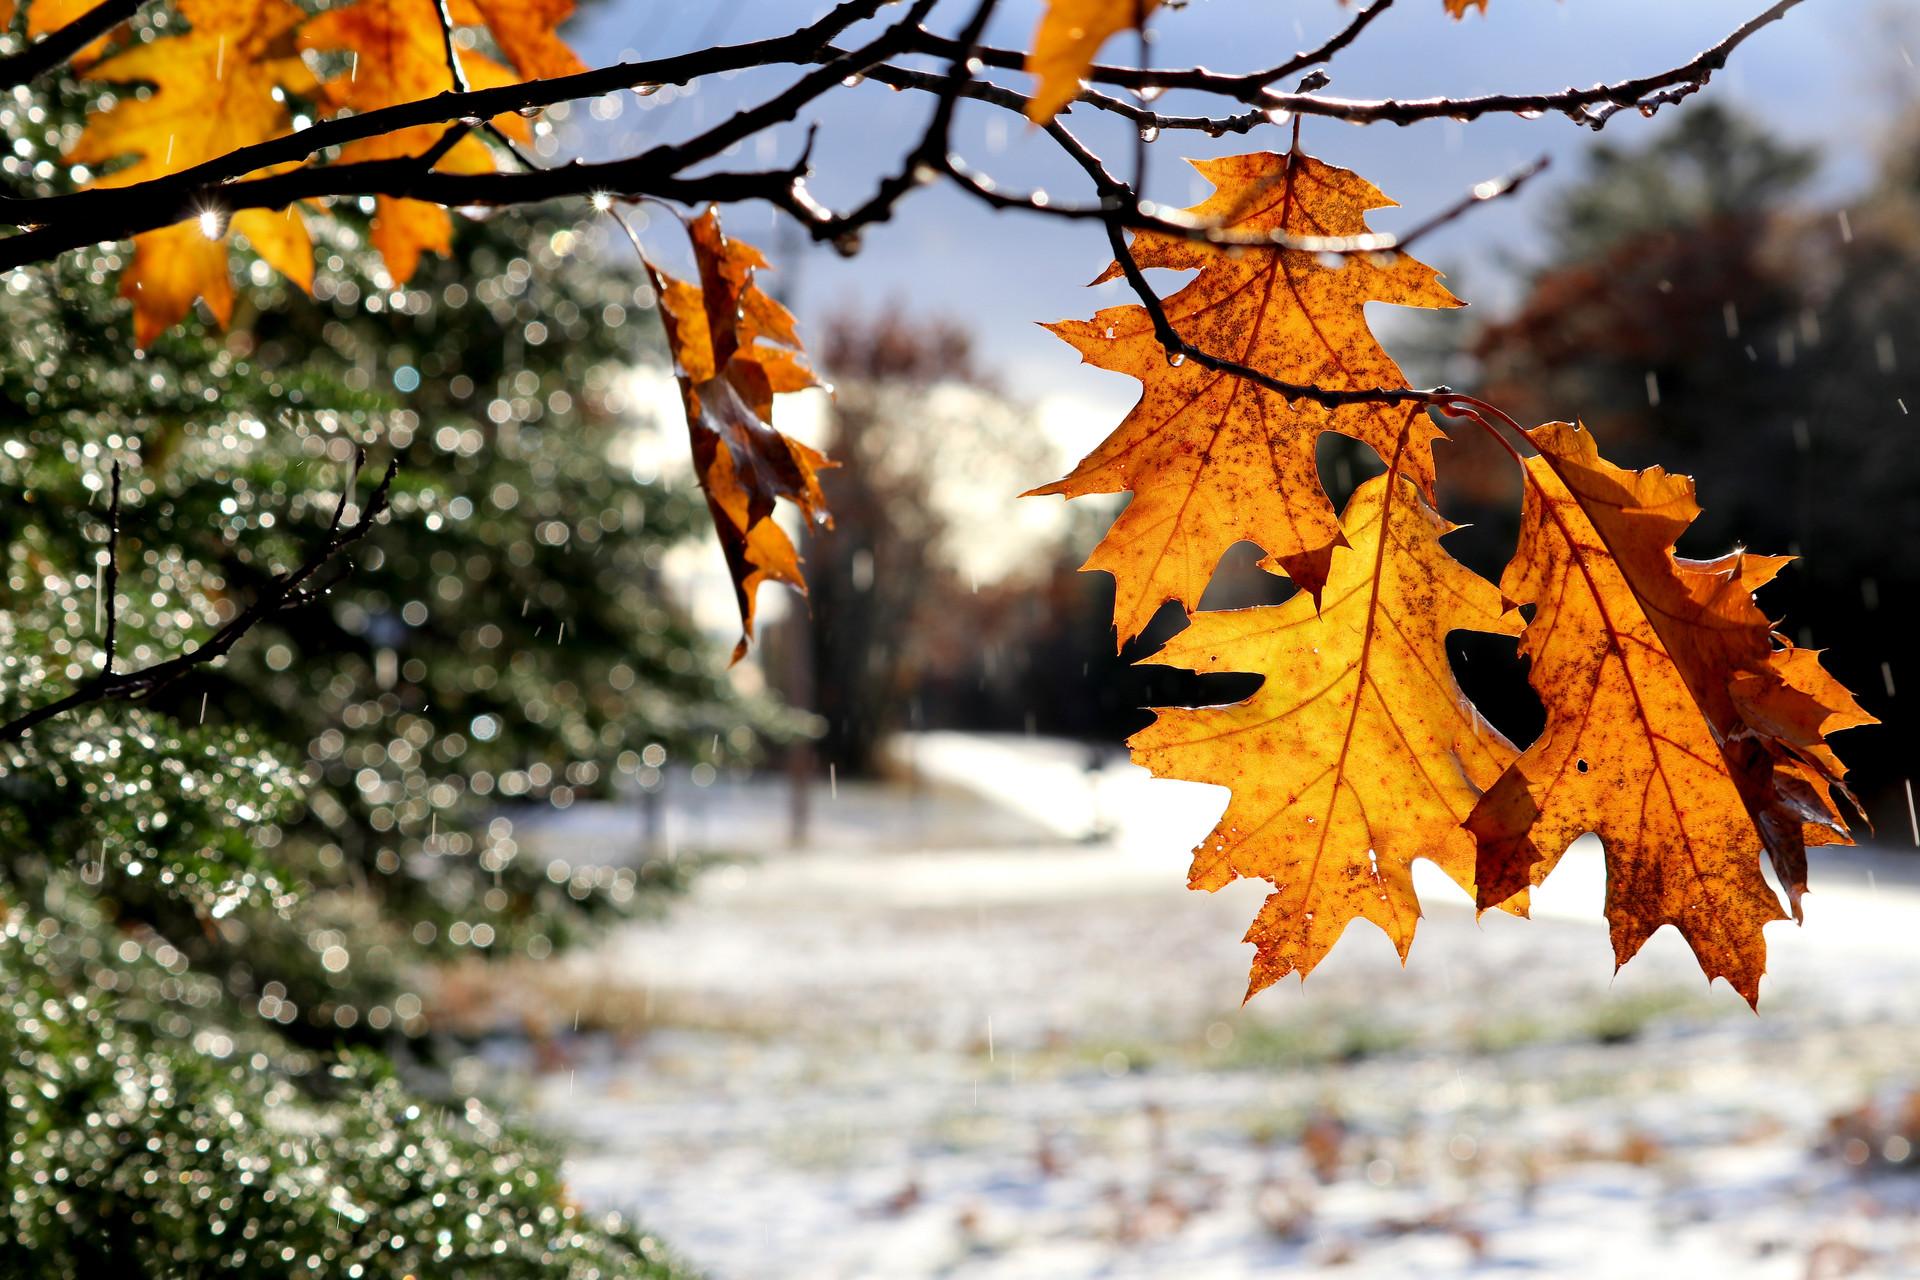 Oak Leaves in November